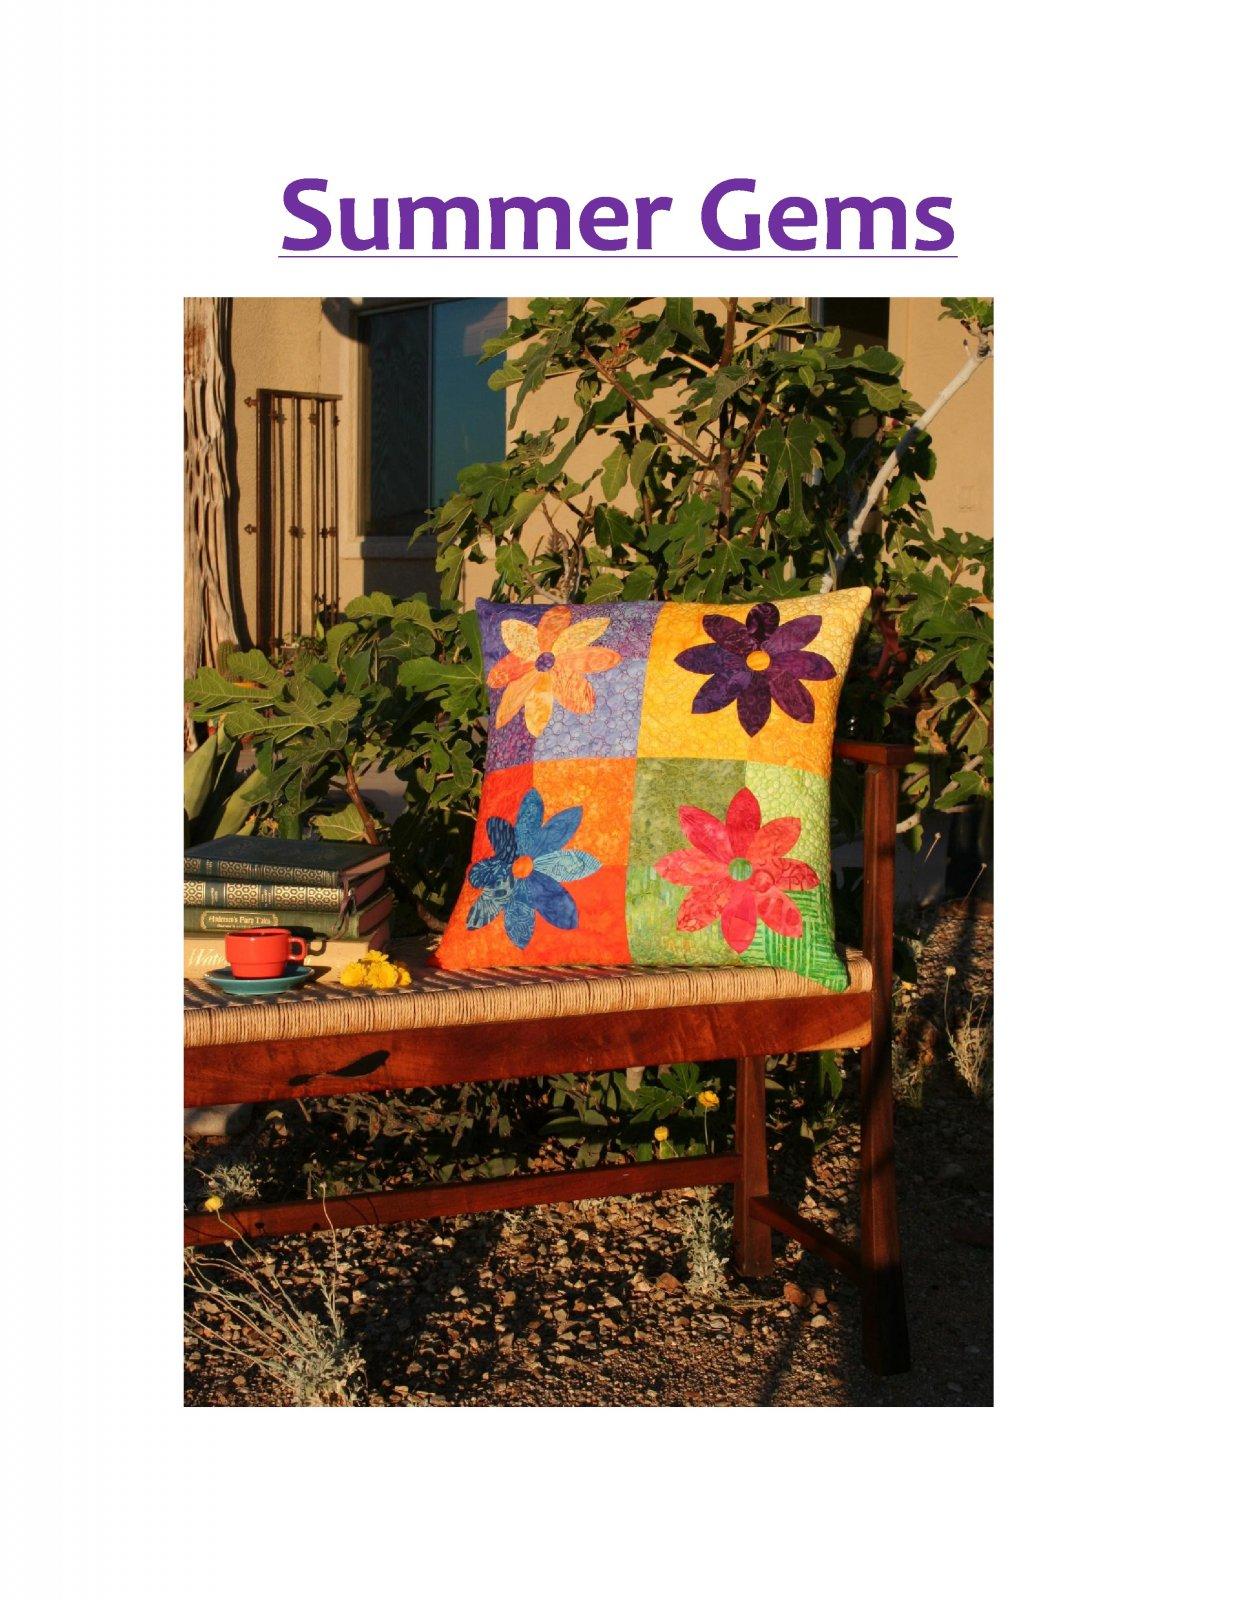 Summer Gems Pillow Pattern